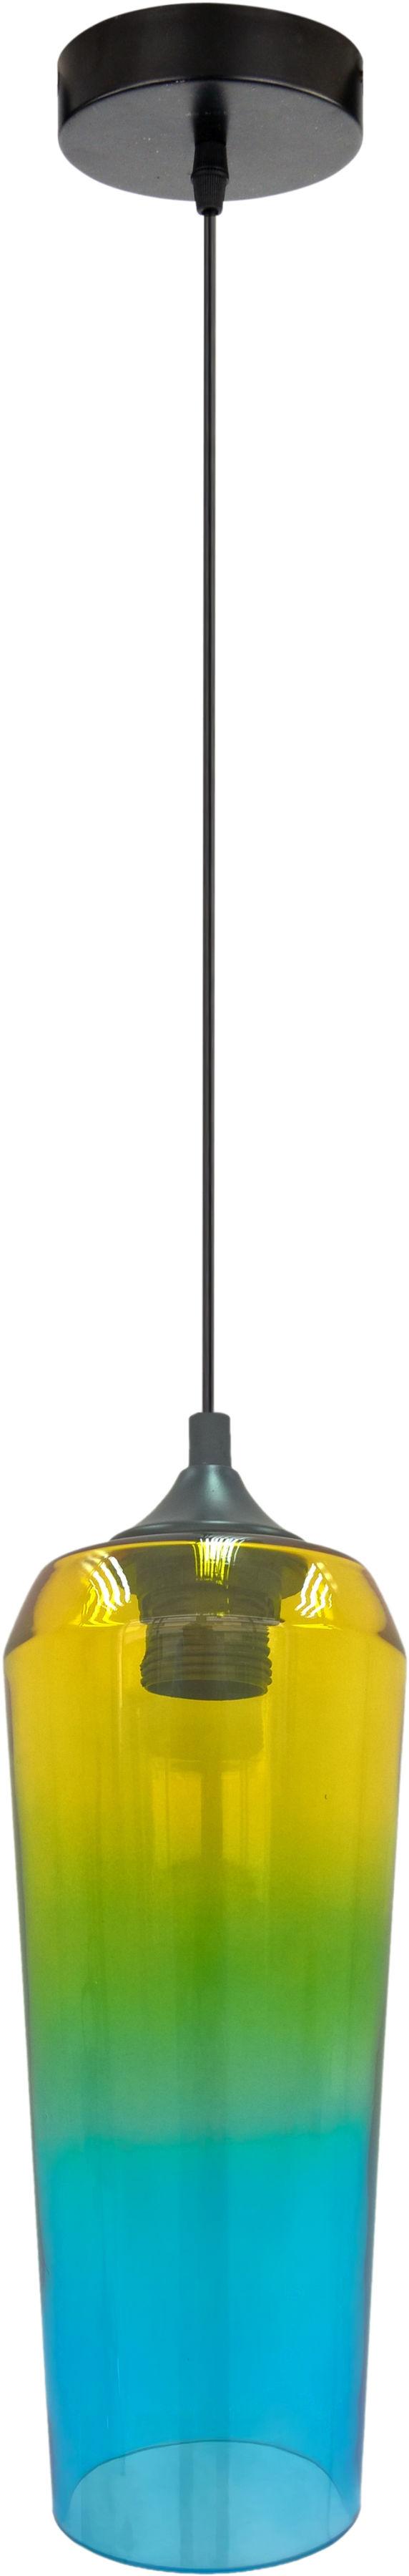 Candellux EOL 31-51844 lampa wisząca żółto/zielona 1X60W E27 11 cm